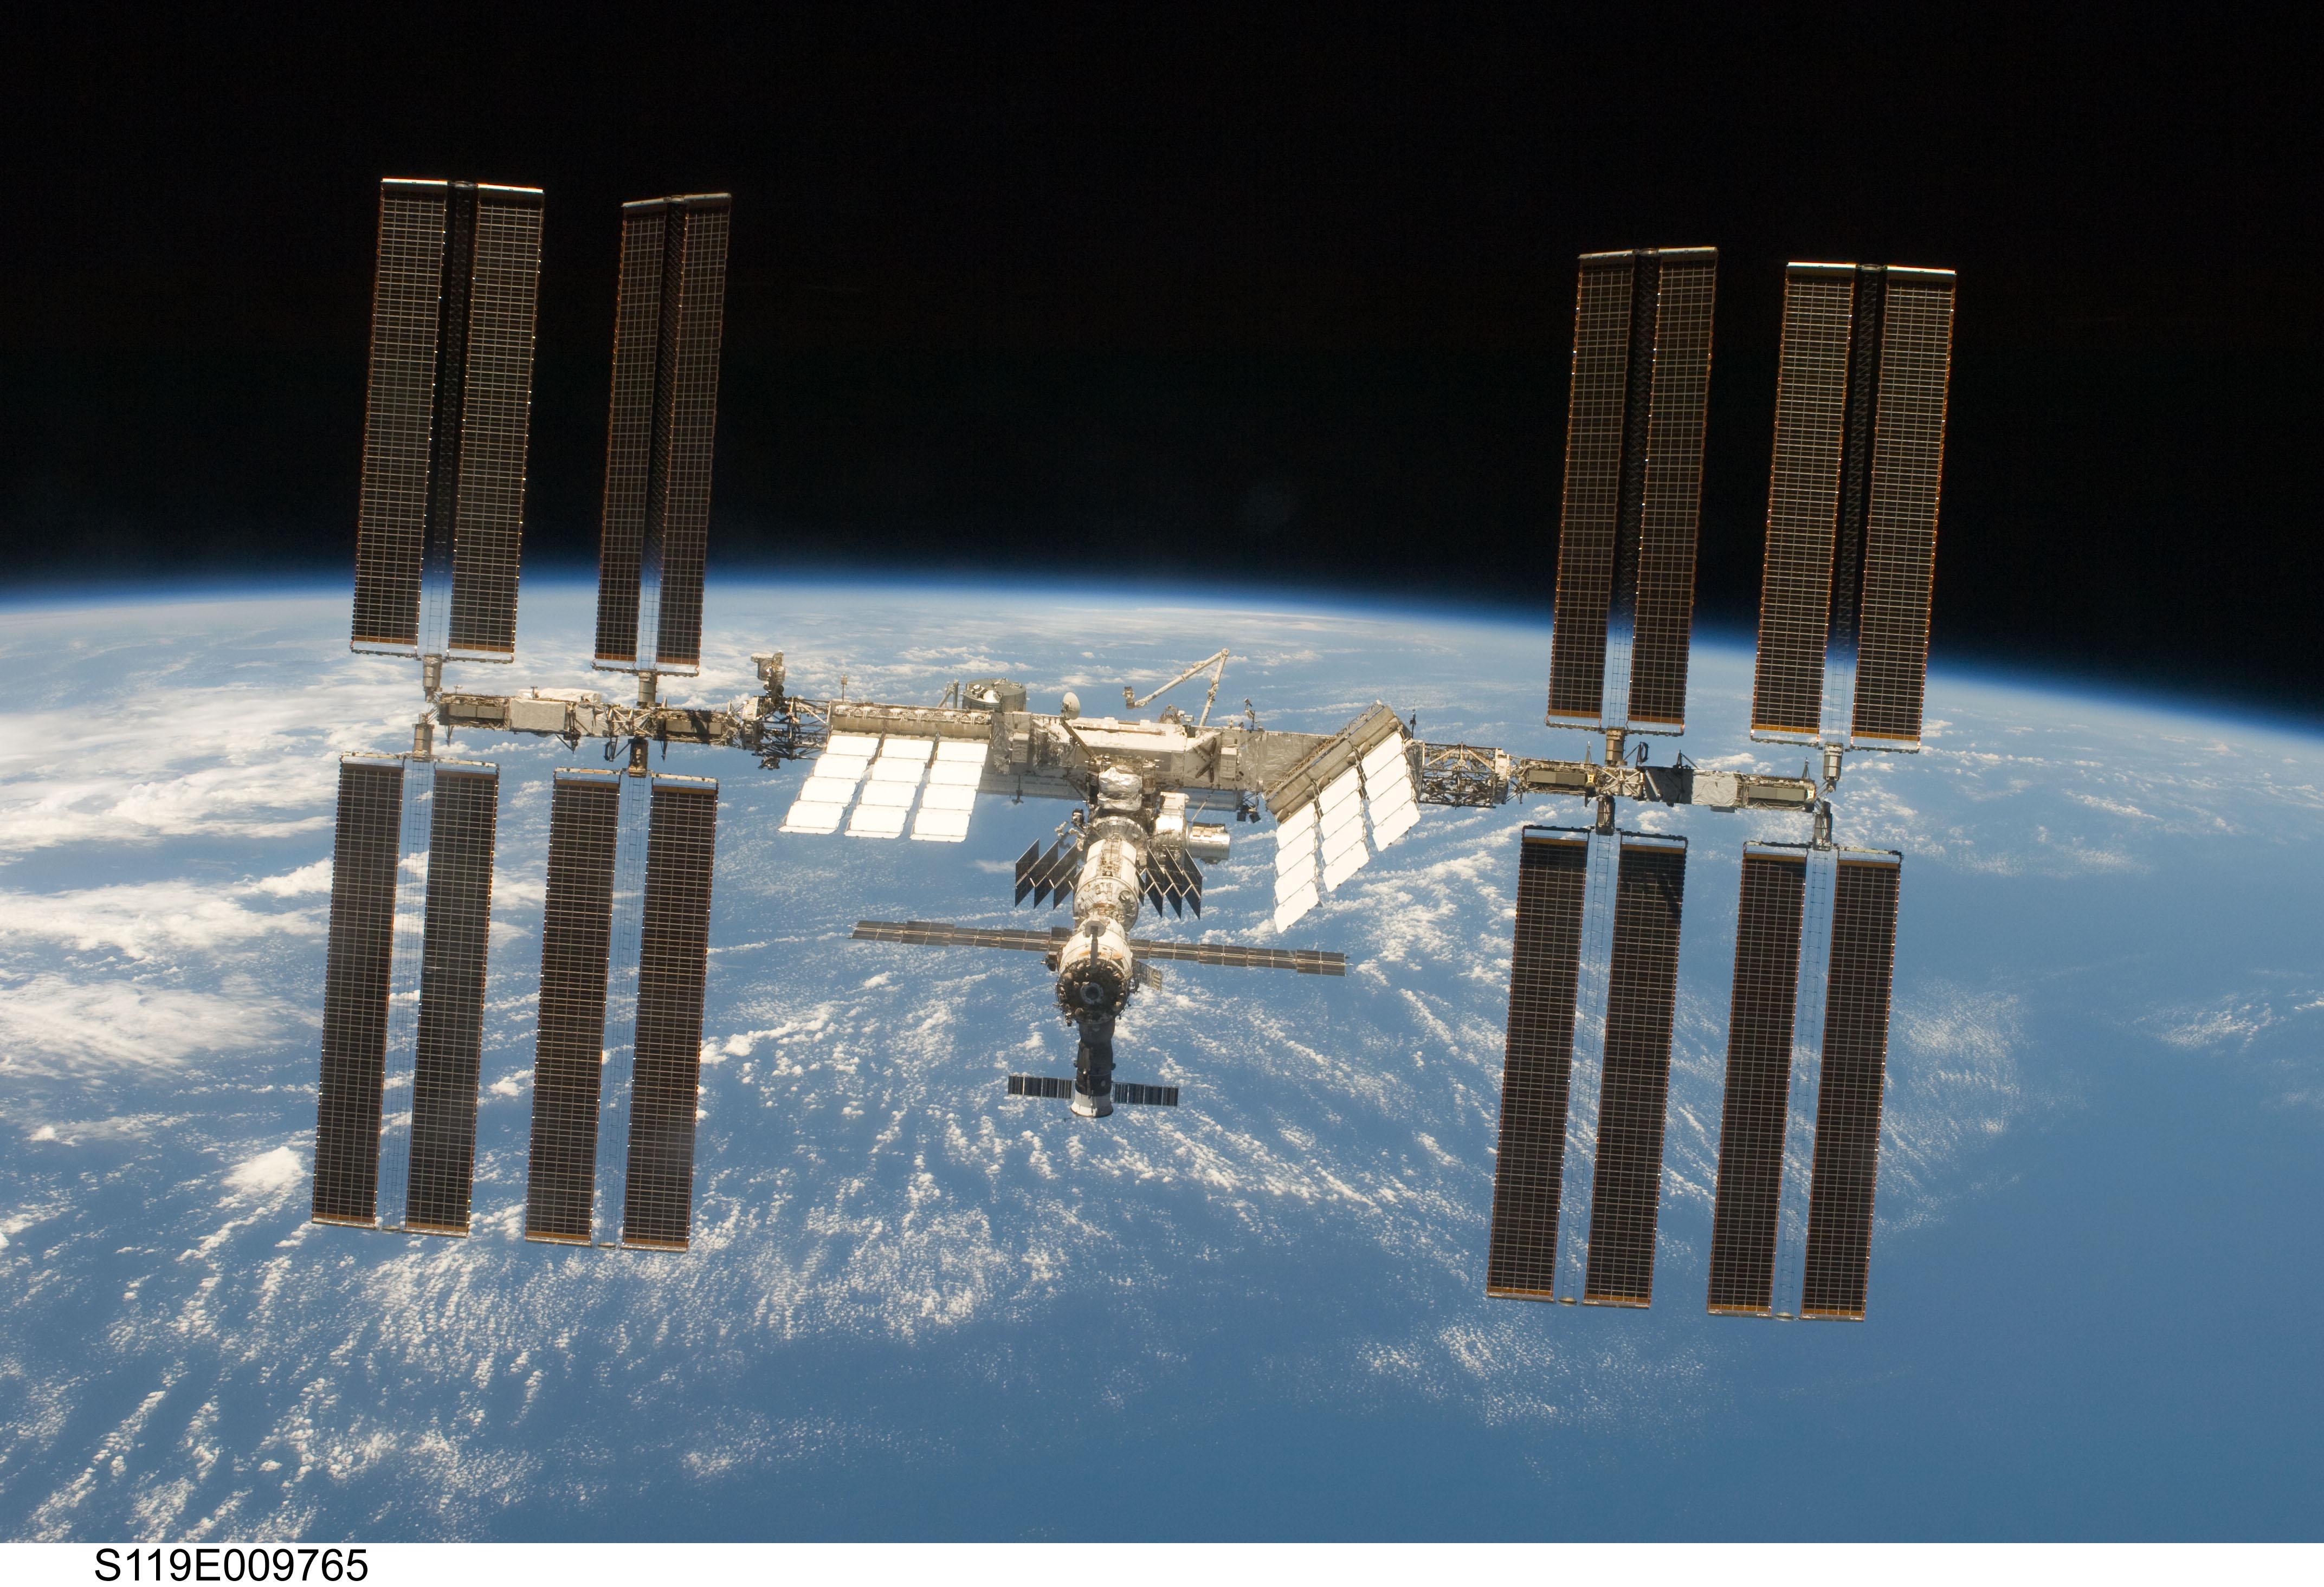 Filmări în direct transmise de NASA arată imagini înfricoşătoare deasupra Pământului. Foto în articol